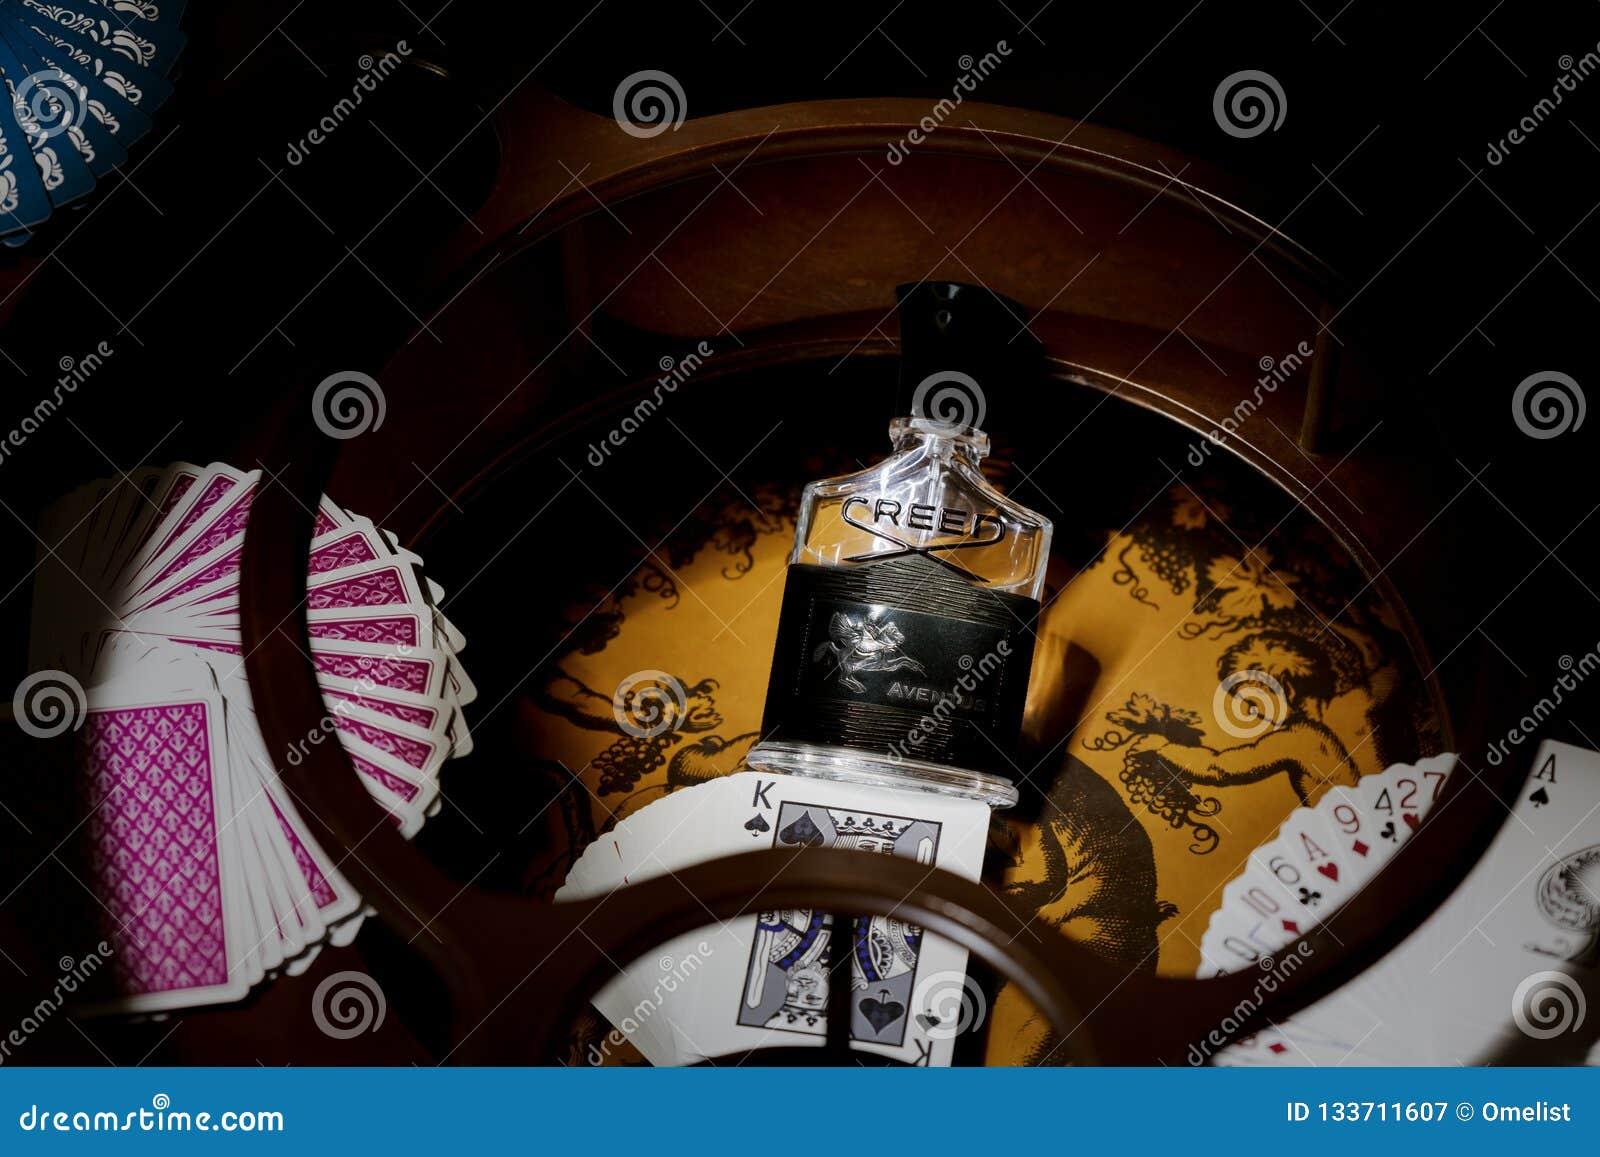 De zwarte van Creed Aventus eau DE parfum